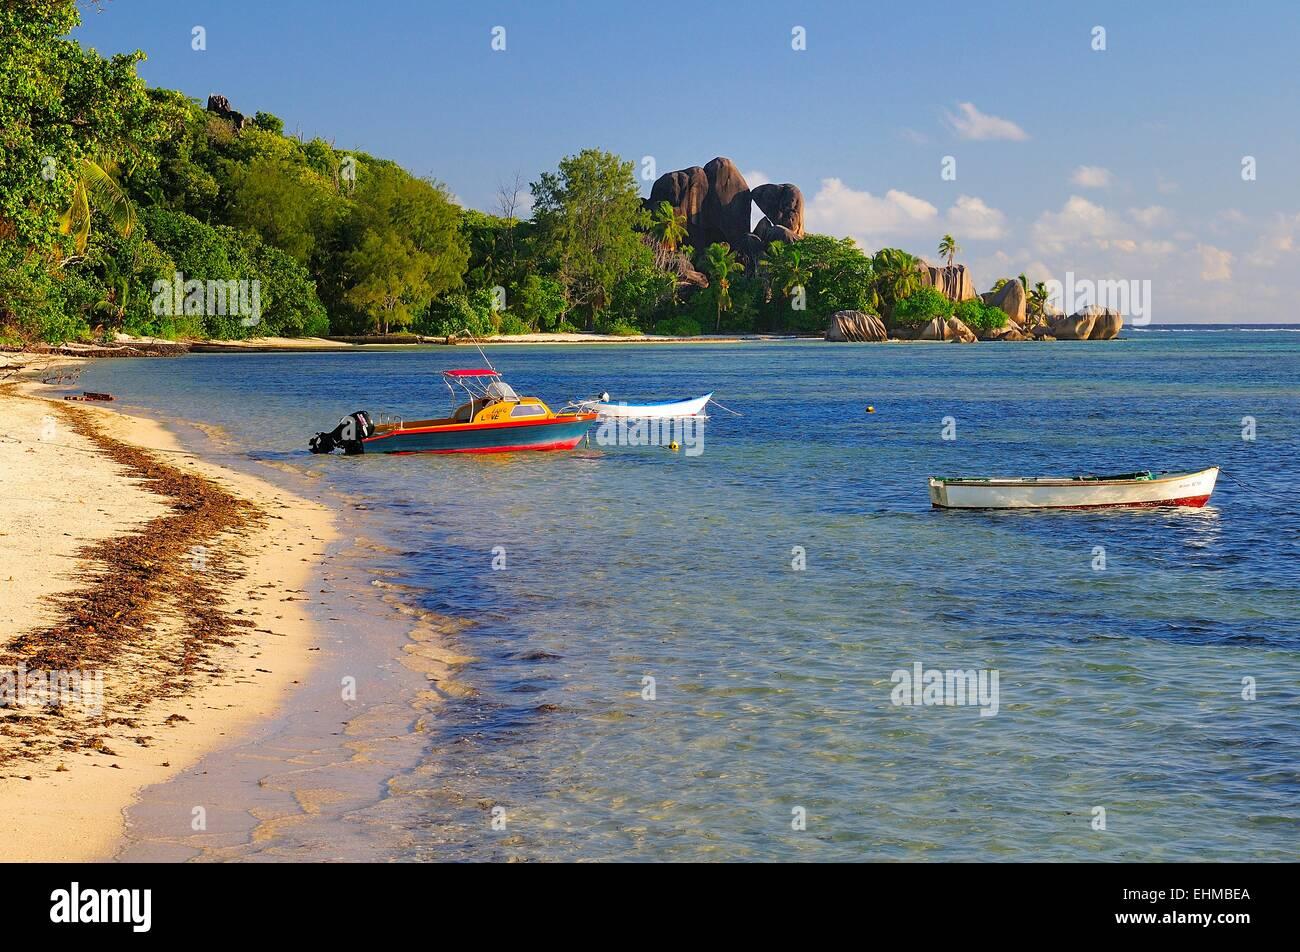 Los barcos en aguas poco profundas en la playa Anse La Réunion, La Digue, Seychelles Foto de stock